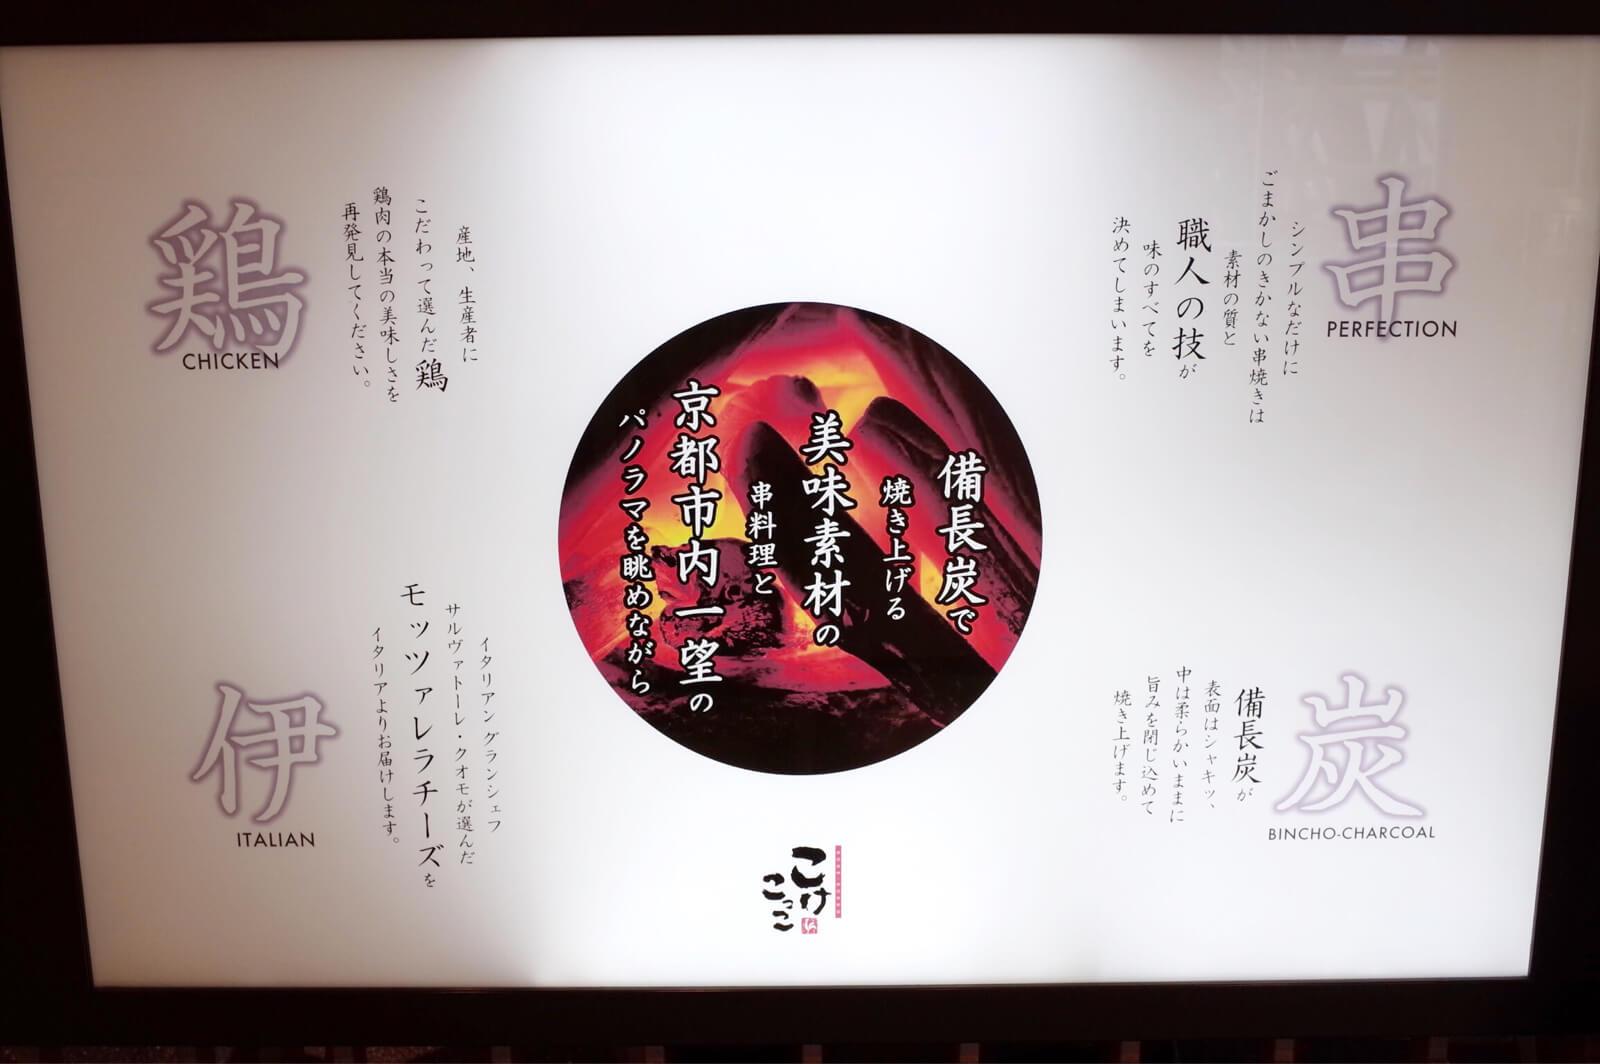 京都駅 伊勢丹 こけこっこ 看板